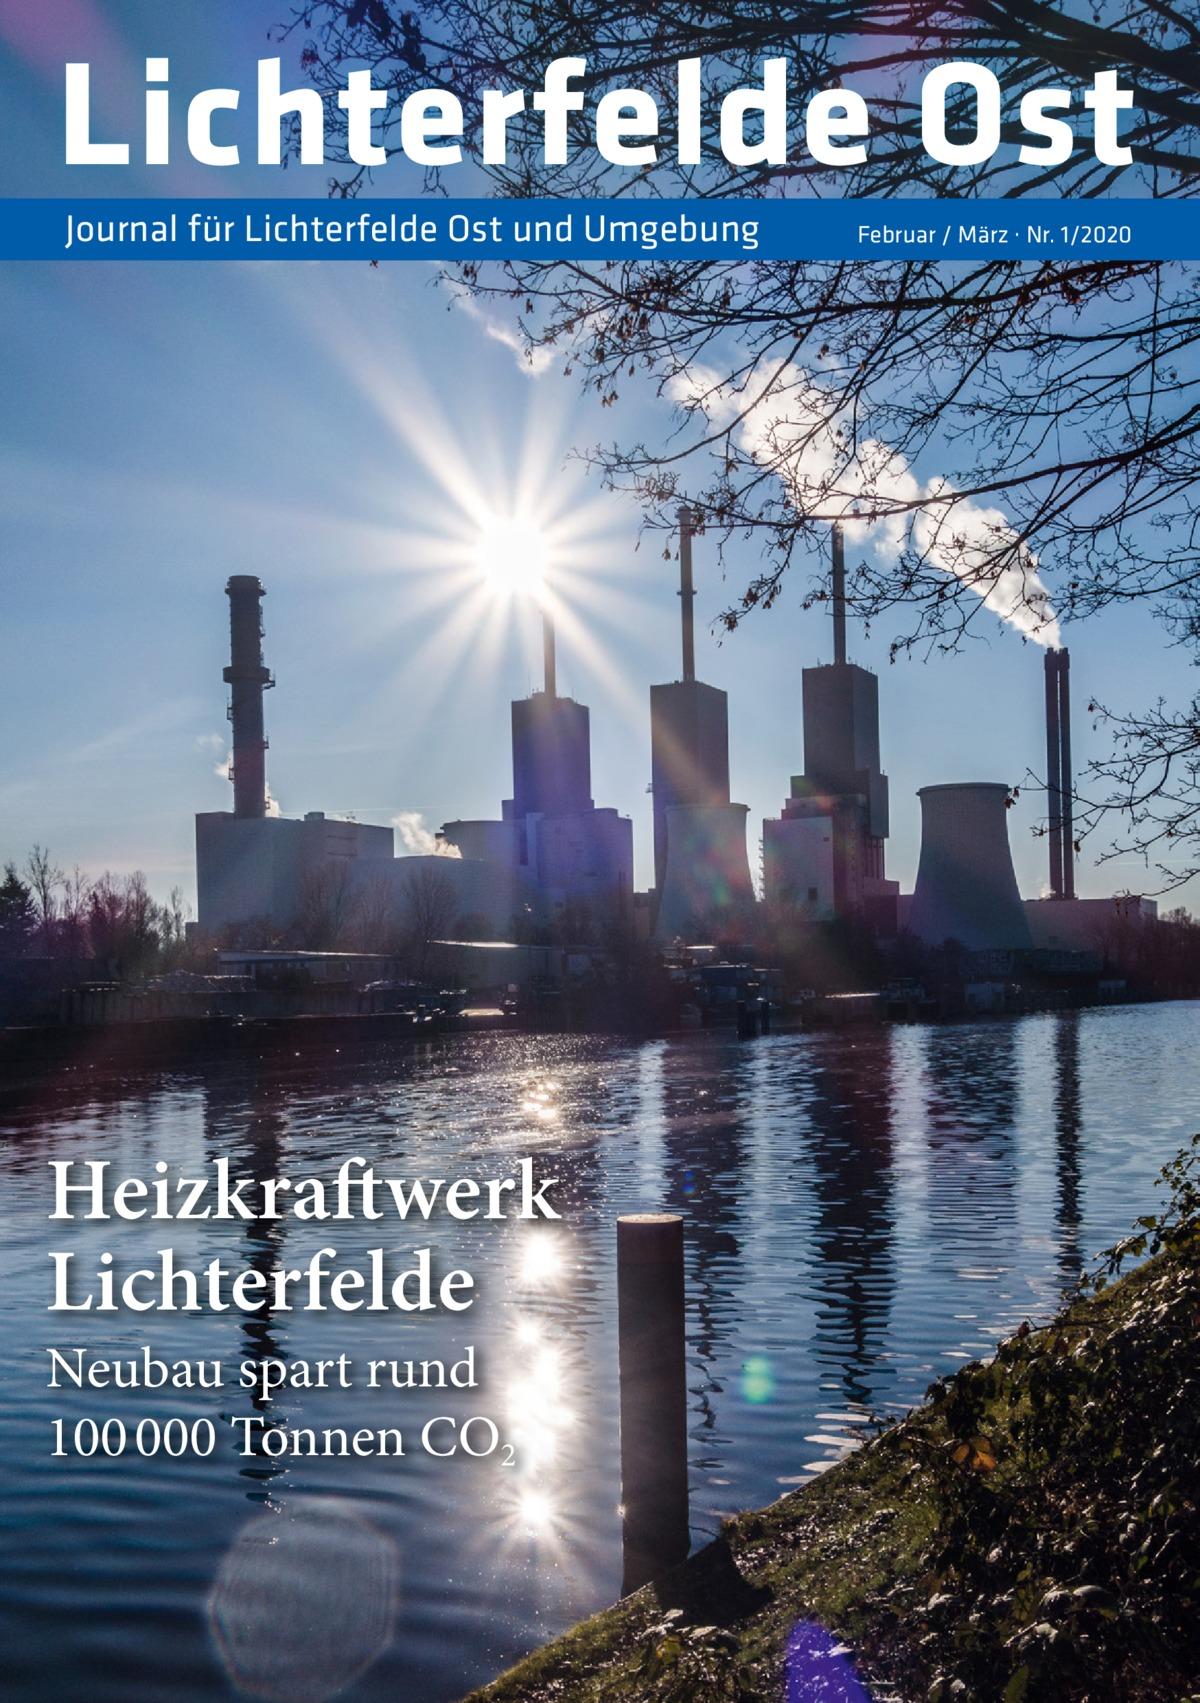 Lichterfelde Ost Journal für Lichterfelde Ost und Umgebung  Heizkraftwerk Lichterfelde Neubau spart rund 100 000Tonnen CO2  Februar / März · Nr. 1/2020